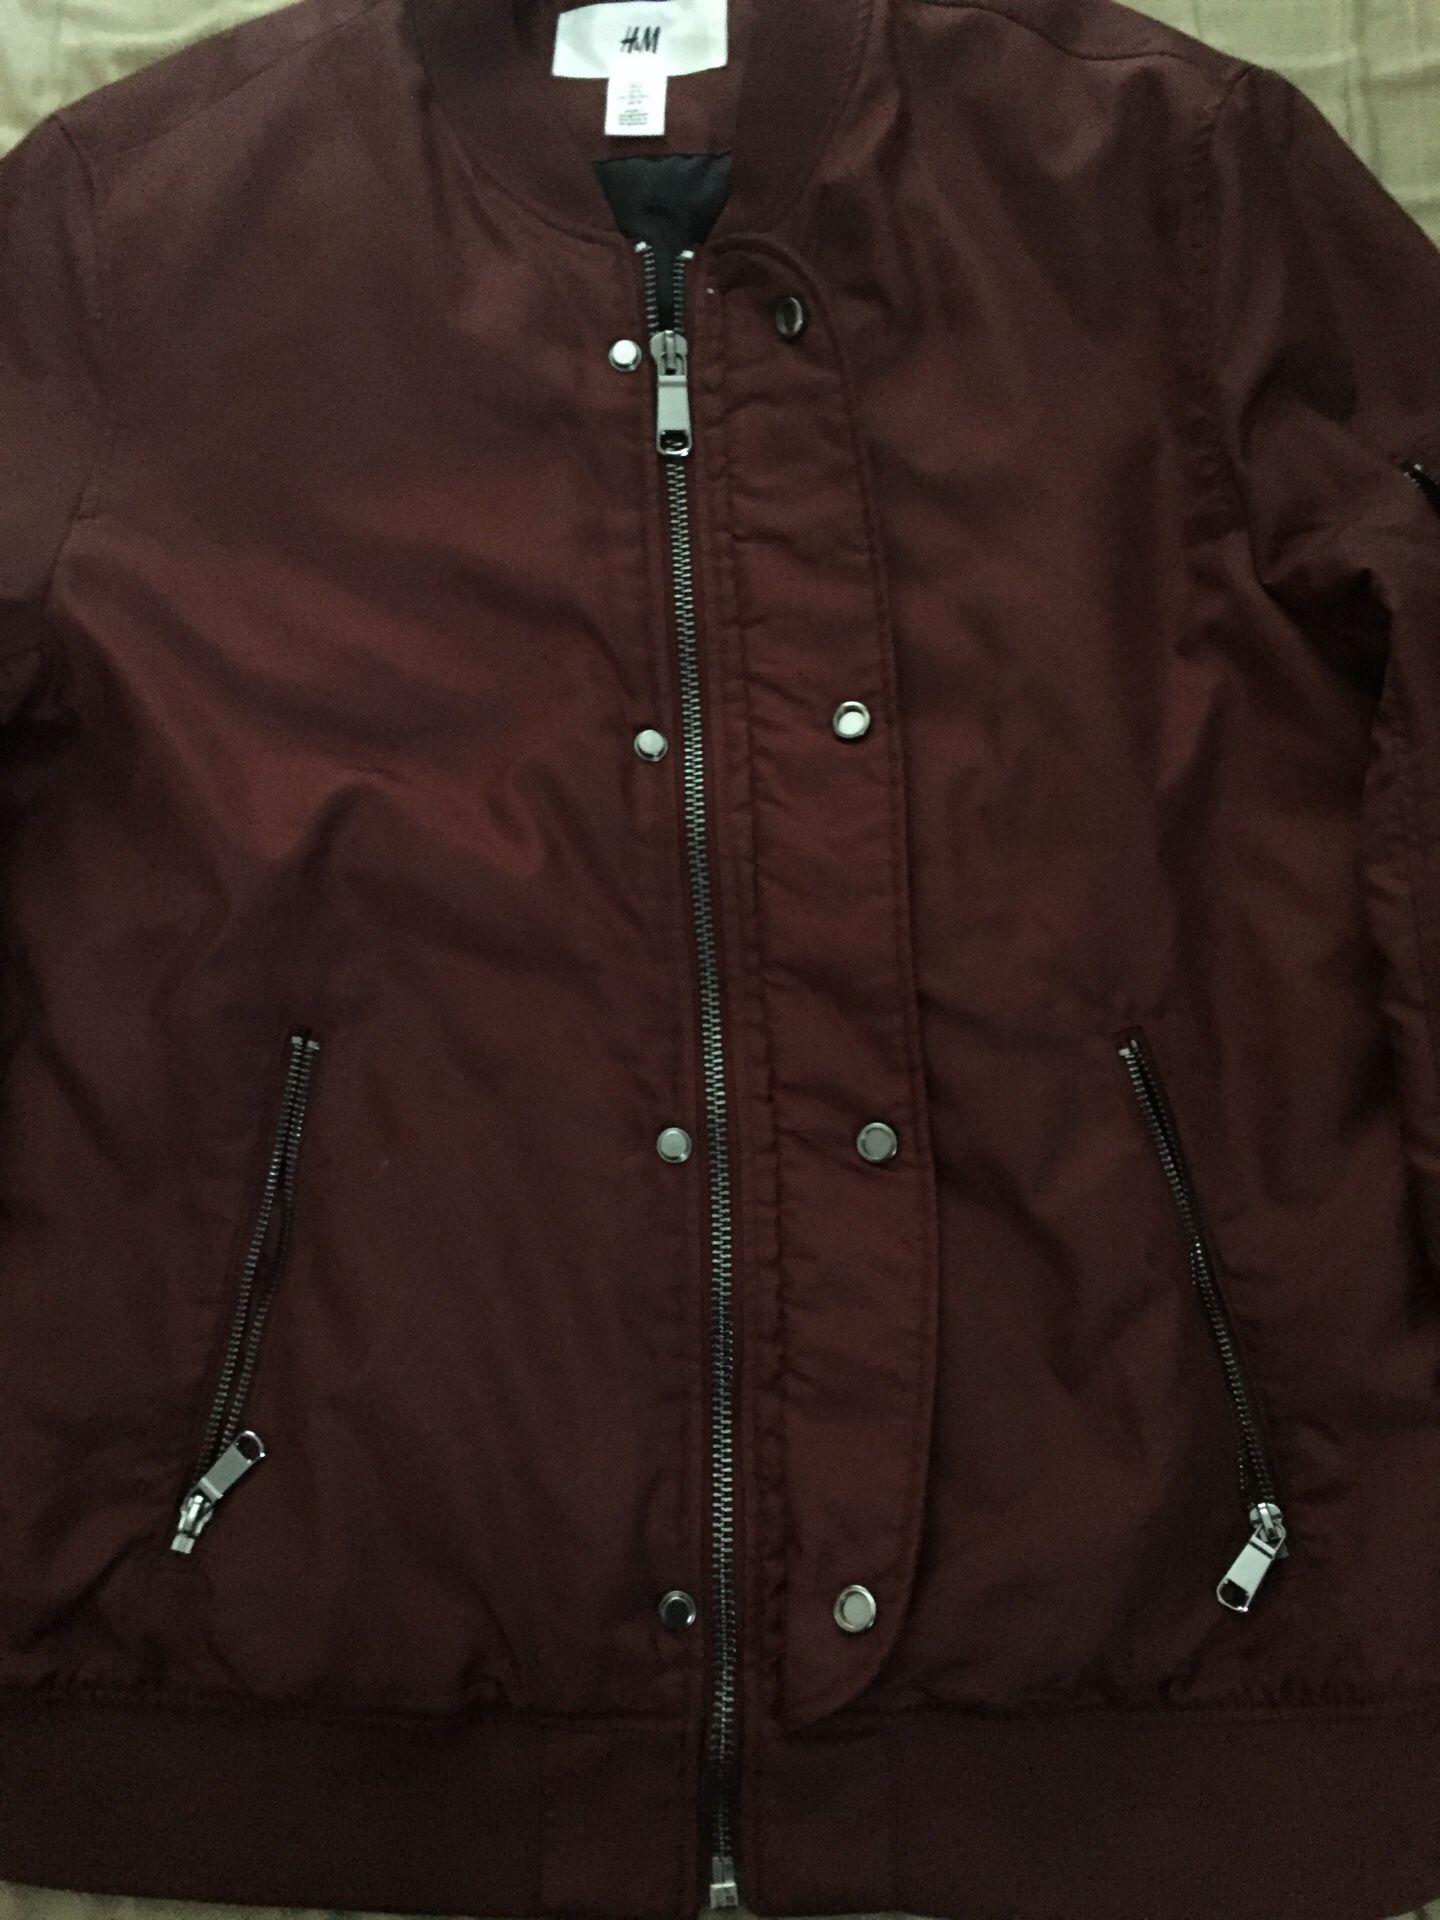 H&M Bomber Jacket